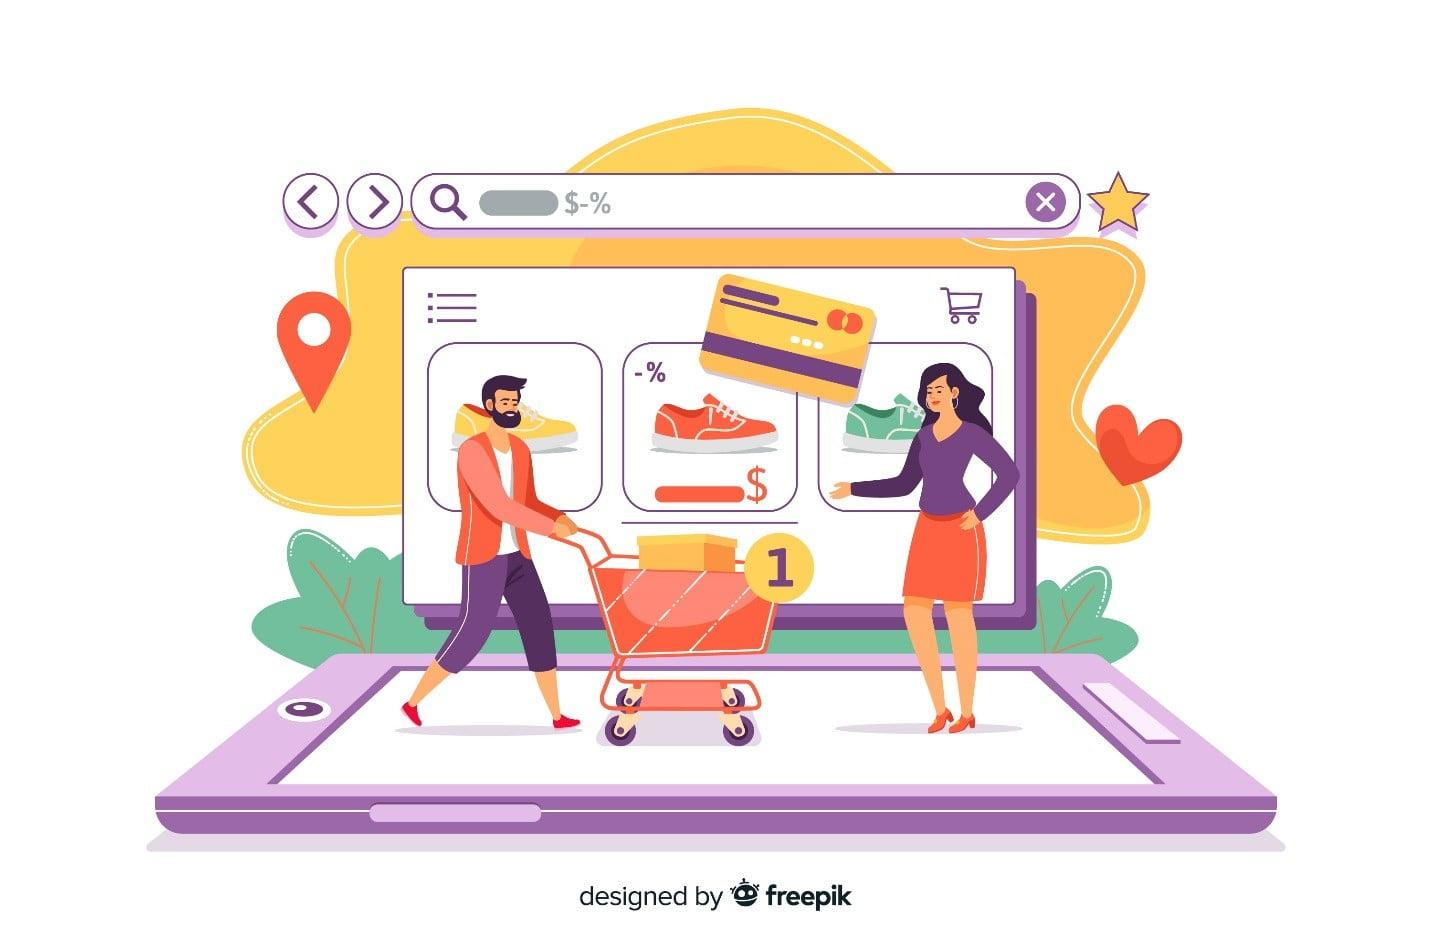 نرم افزار باشگاه مشتریان فروشگاه های اینترنتی